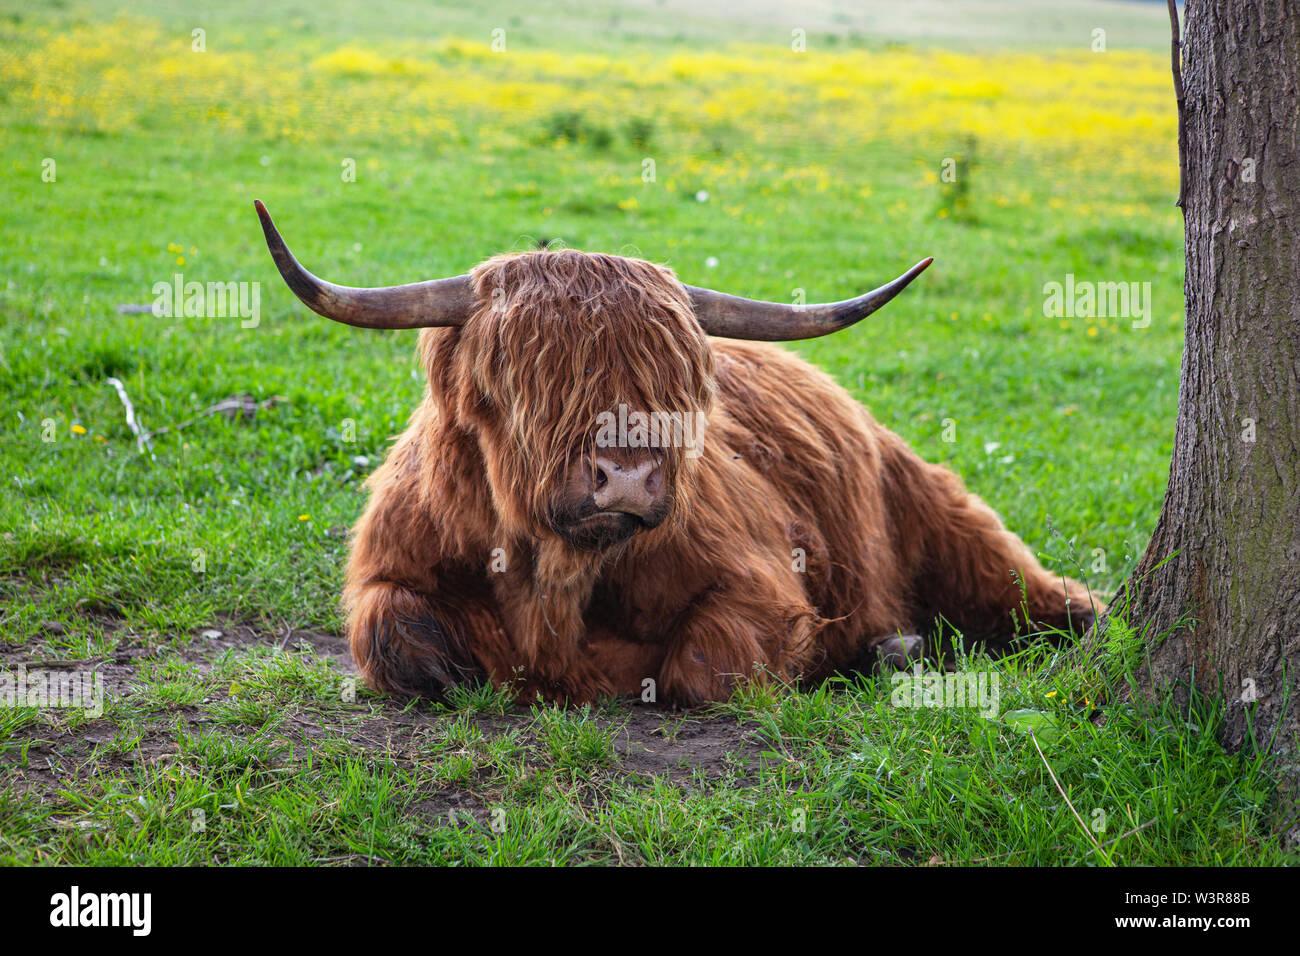 Ein Schottisches Hochlandrind auf einer Wiese. Foto de stock